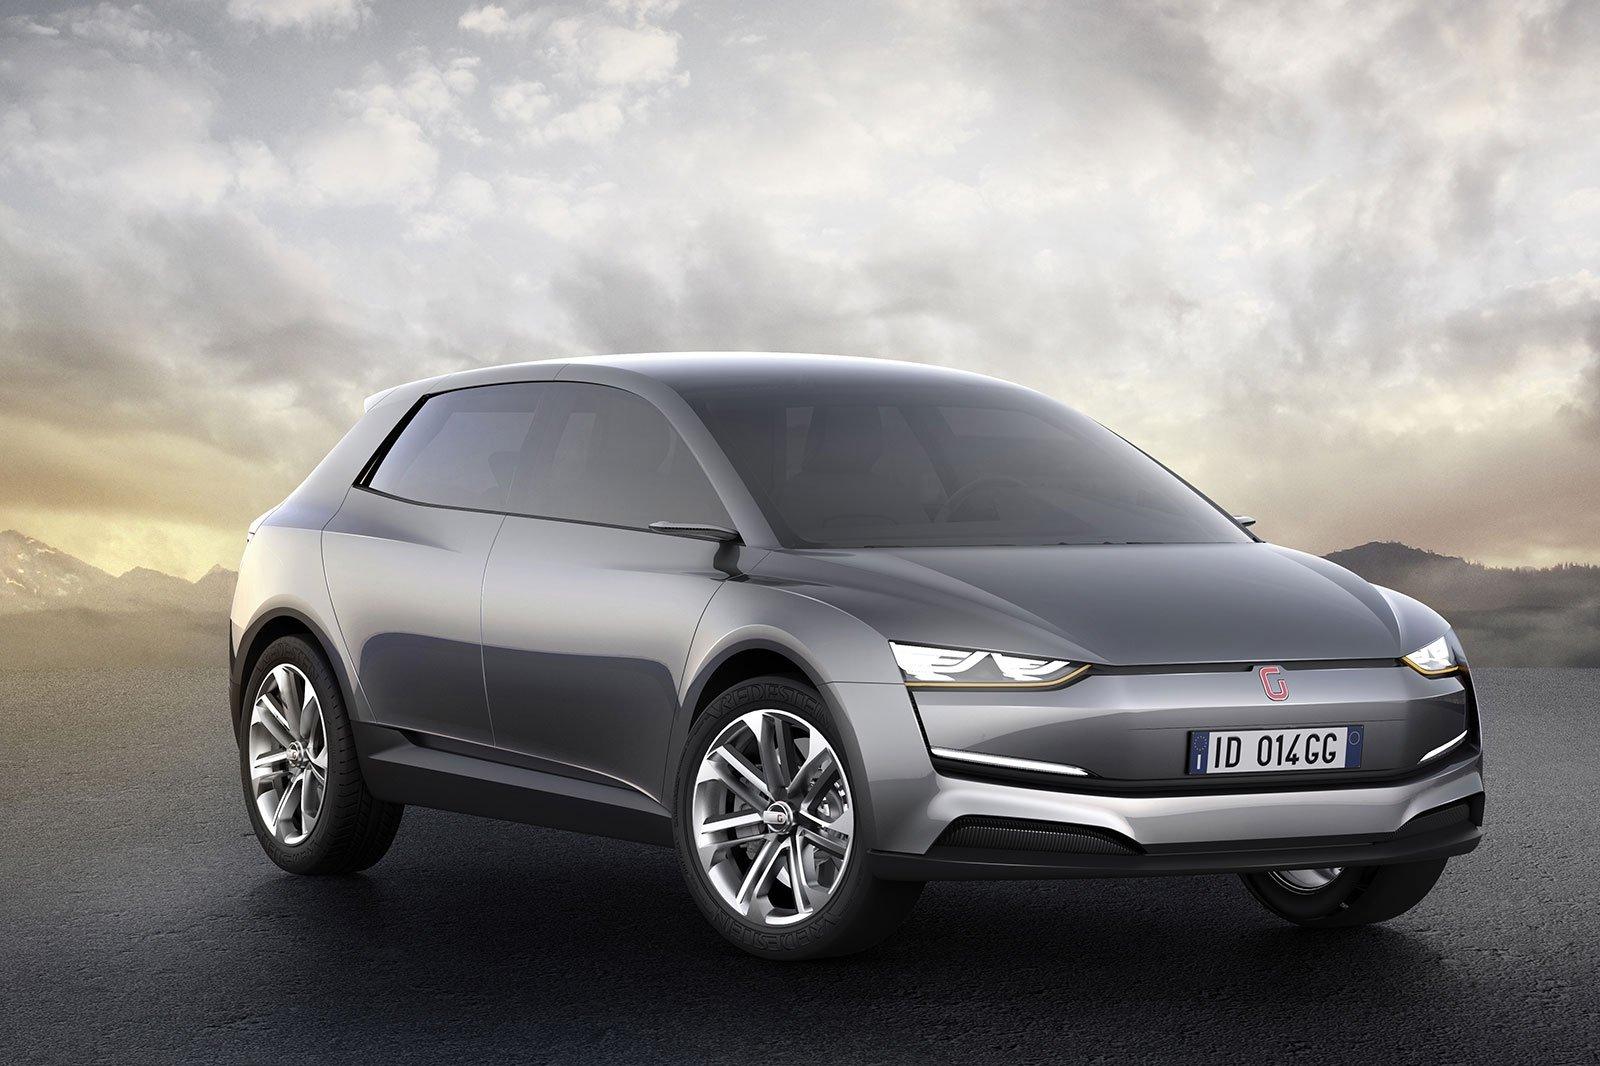 Giugiaro Clipper Concept 2014 01